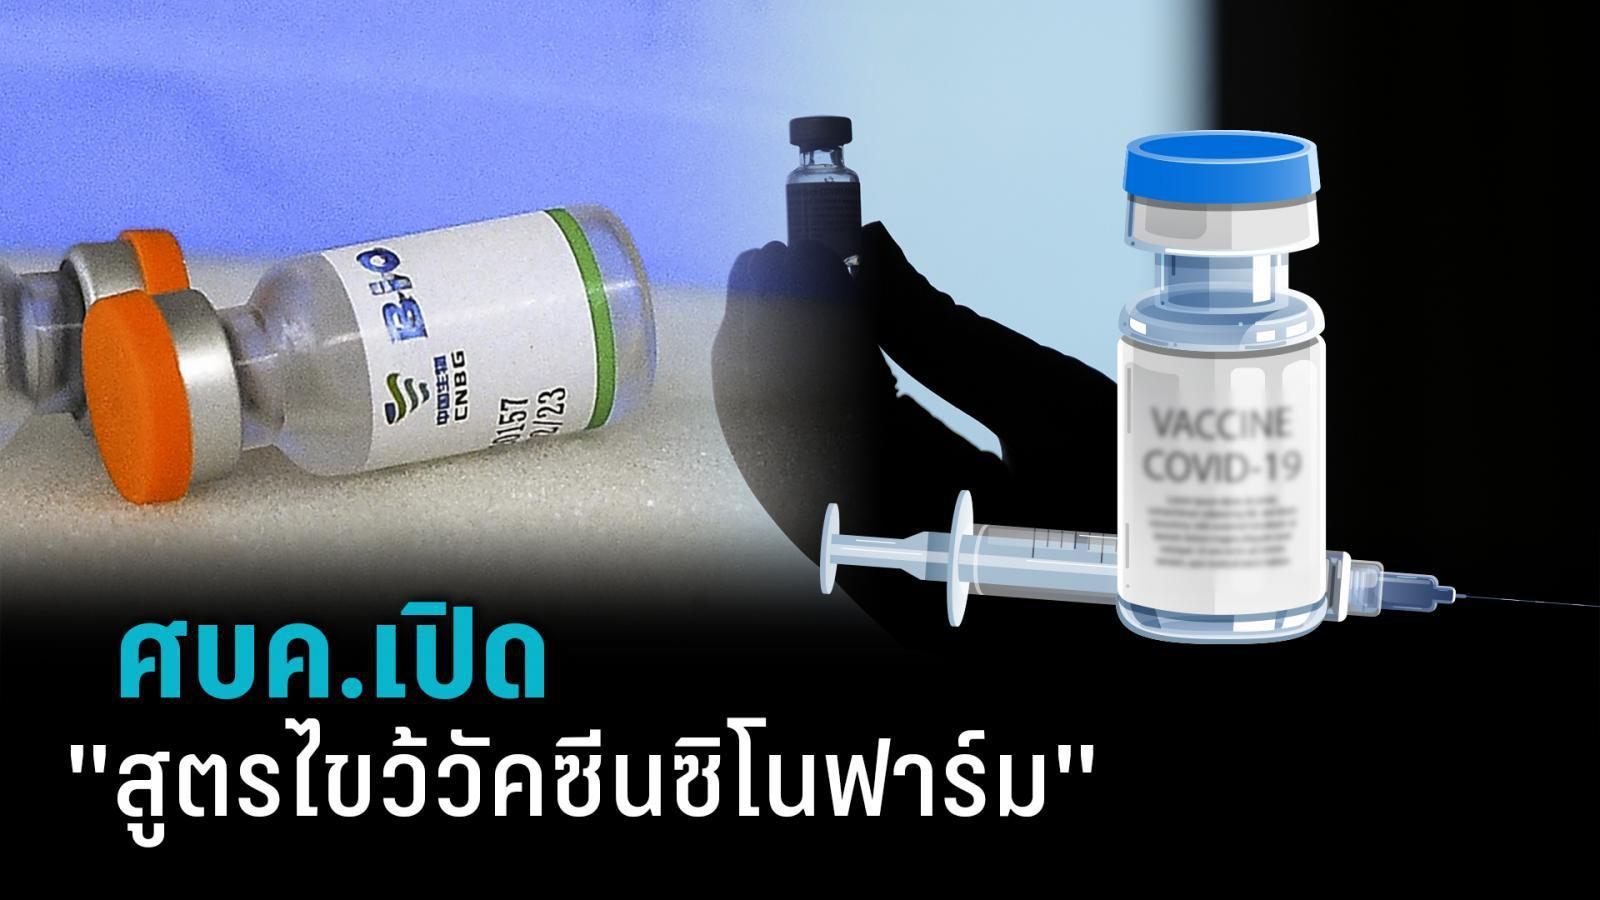 ศบค.เปิดสูตร ไขว้วัคซีนซิโนฟาร์ม